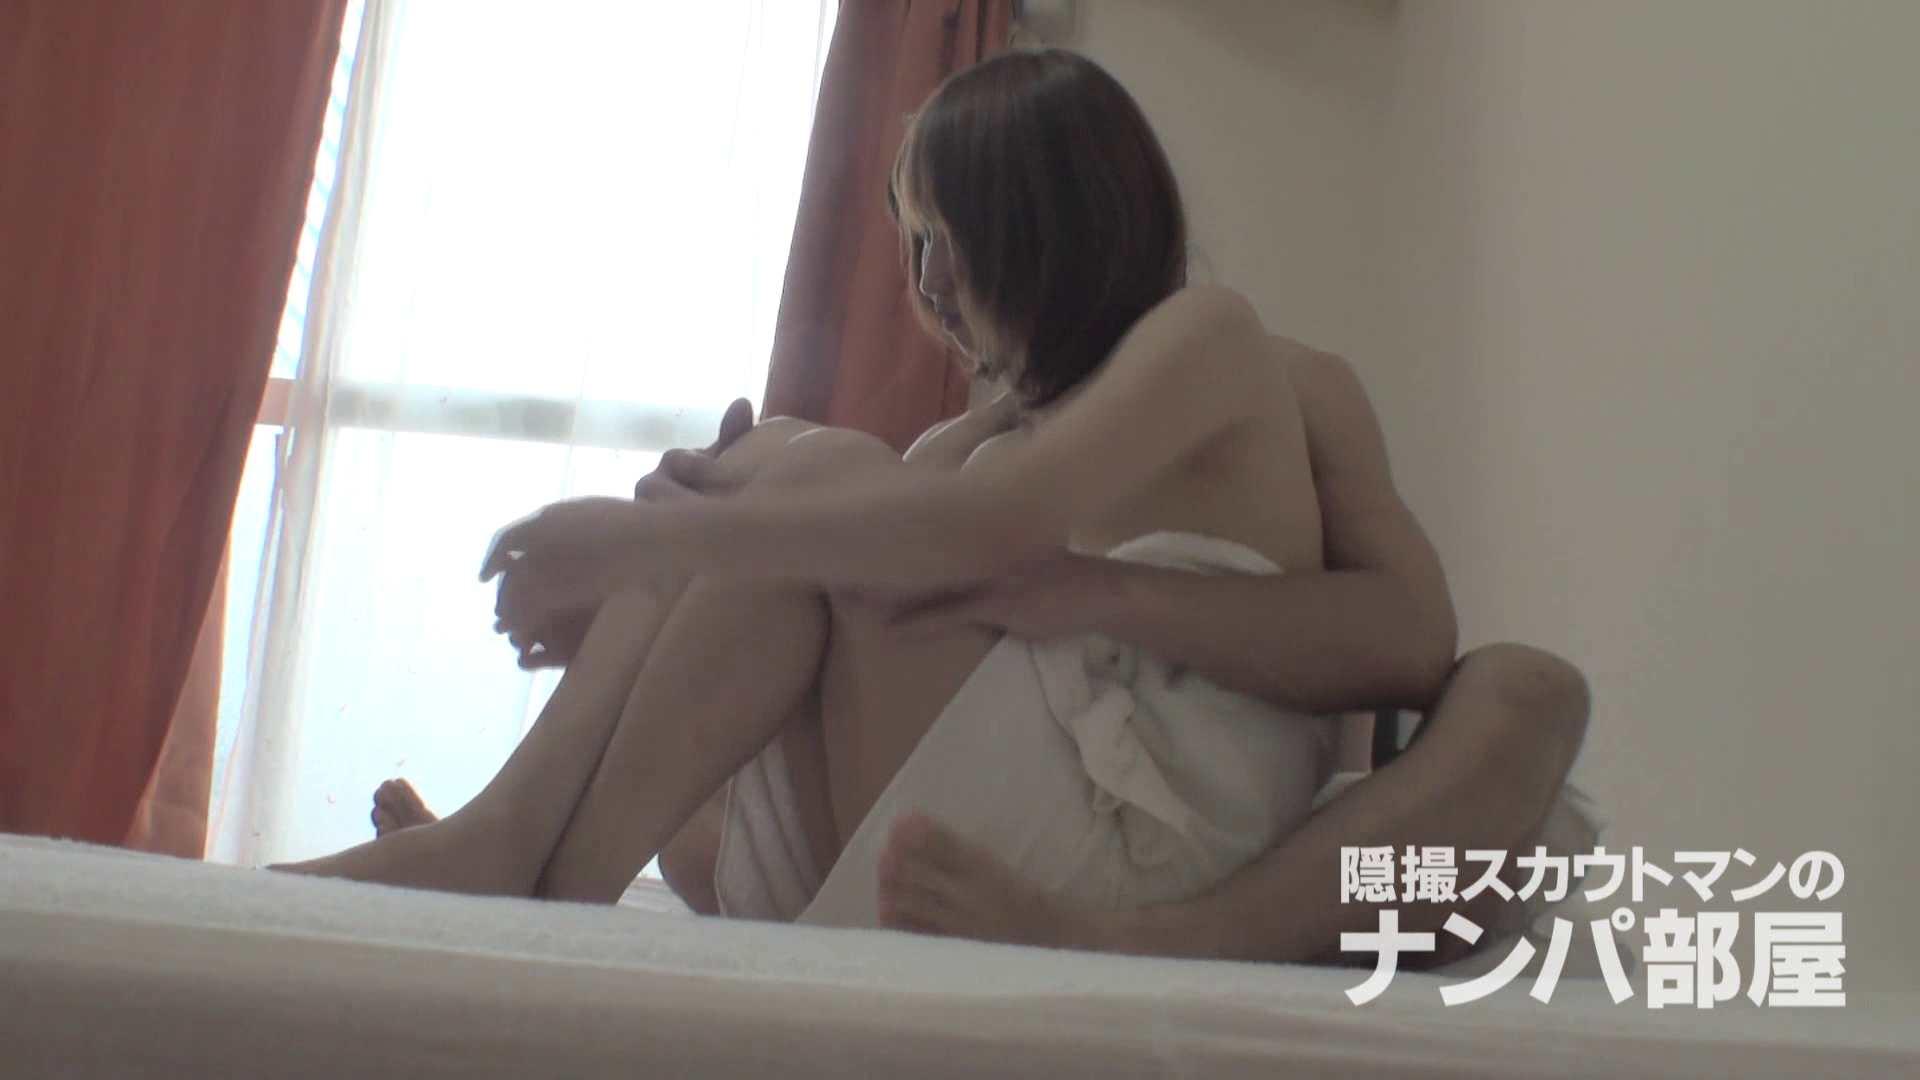 隠撮スカウトマンのナンパ部屋~風俗デビュー前のつまみ食い~ sii 隠撮  84連発 61